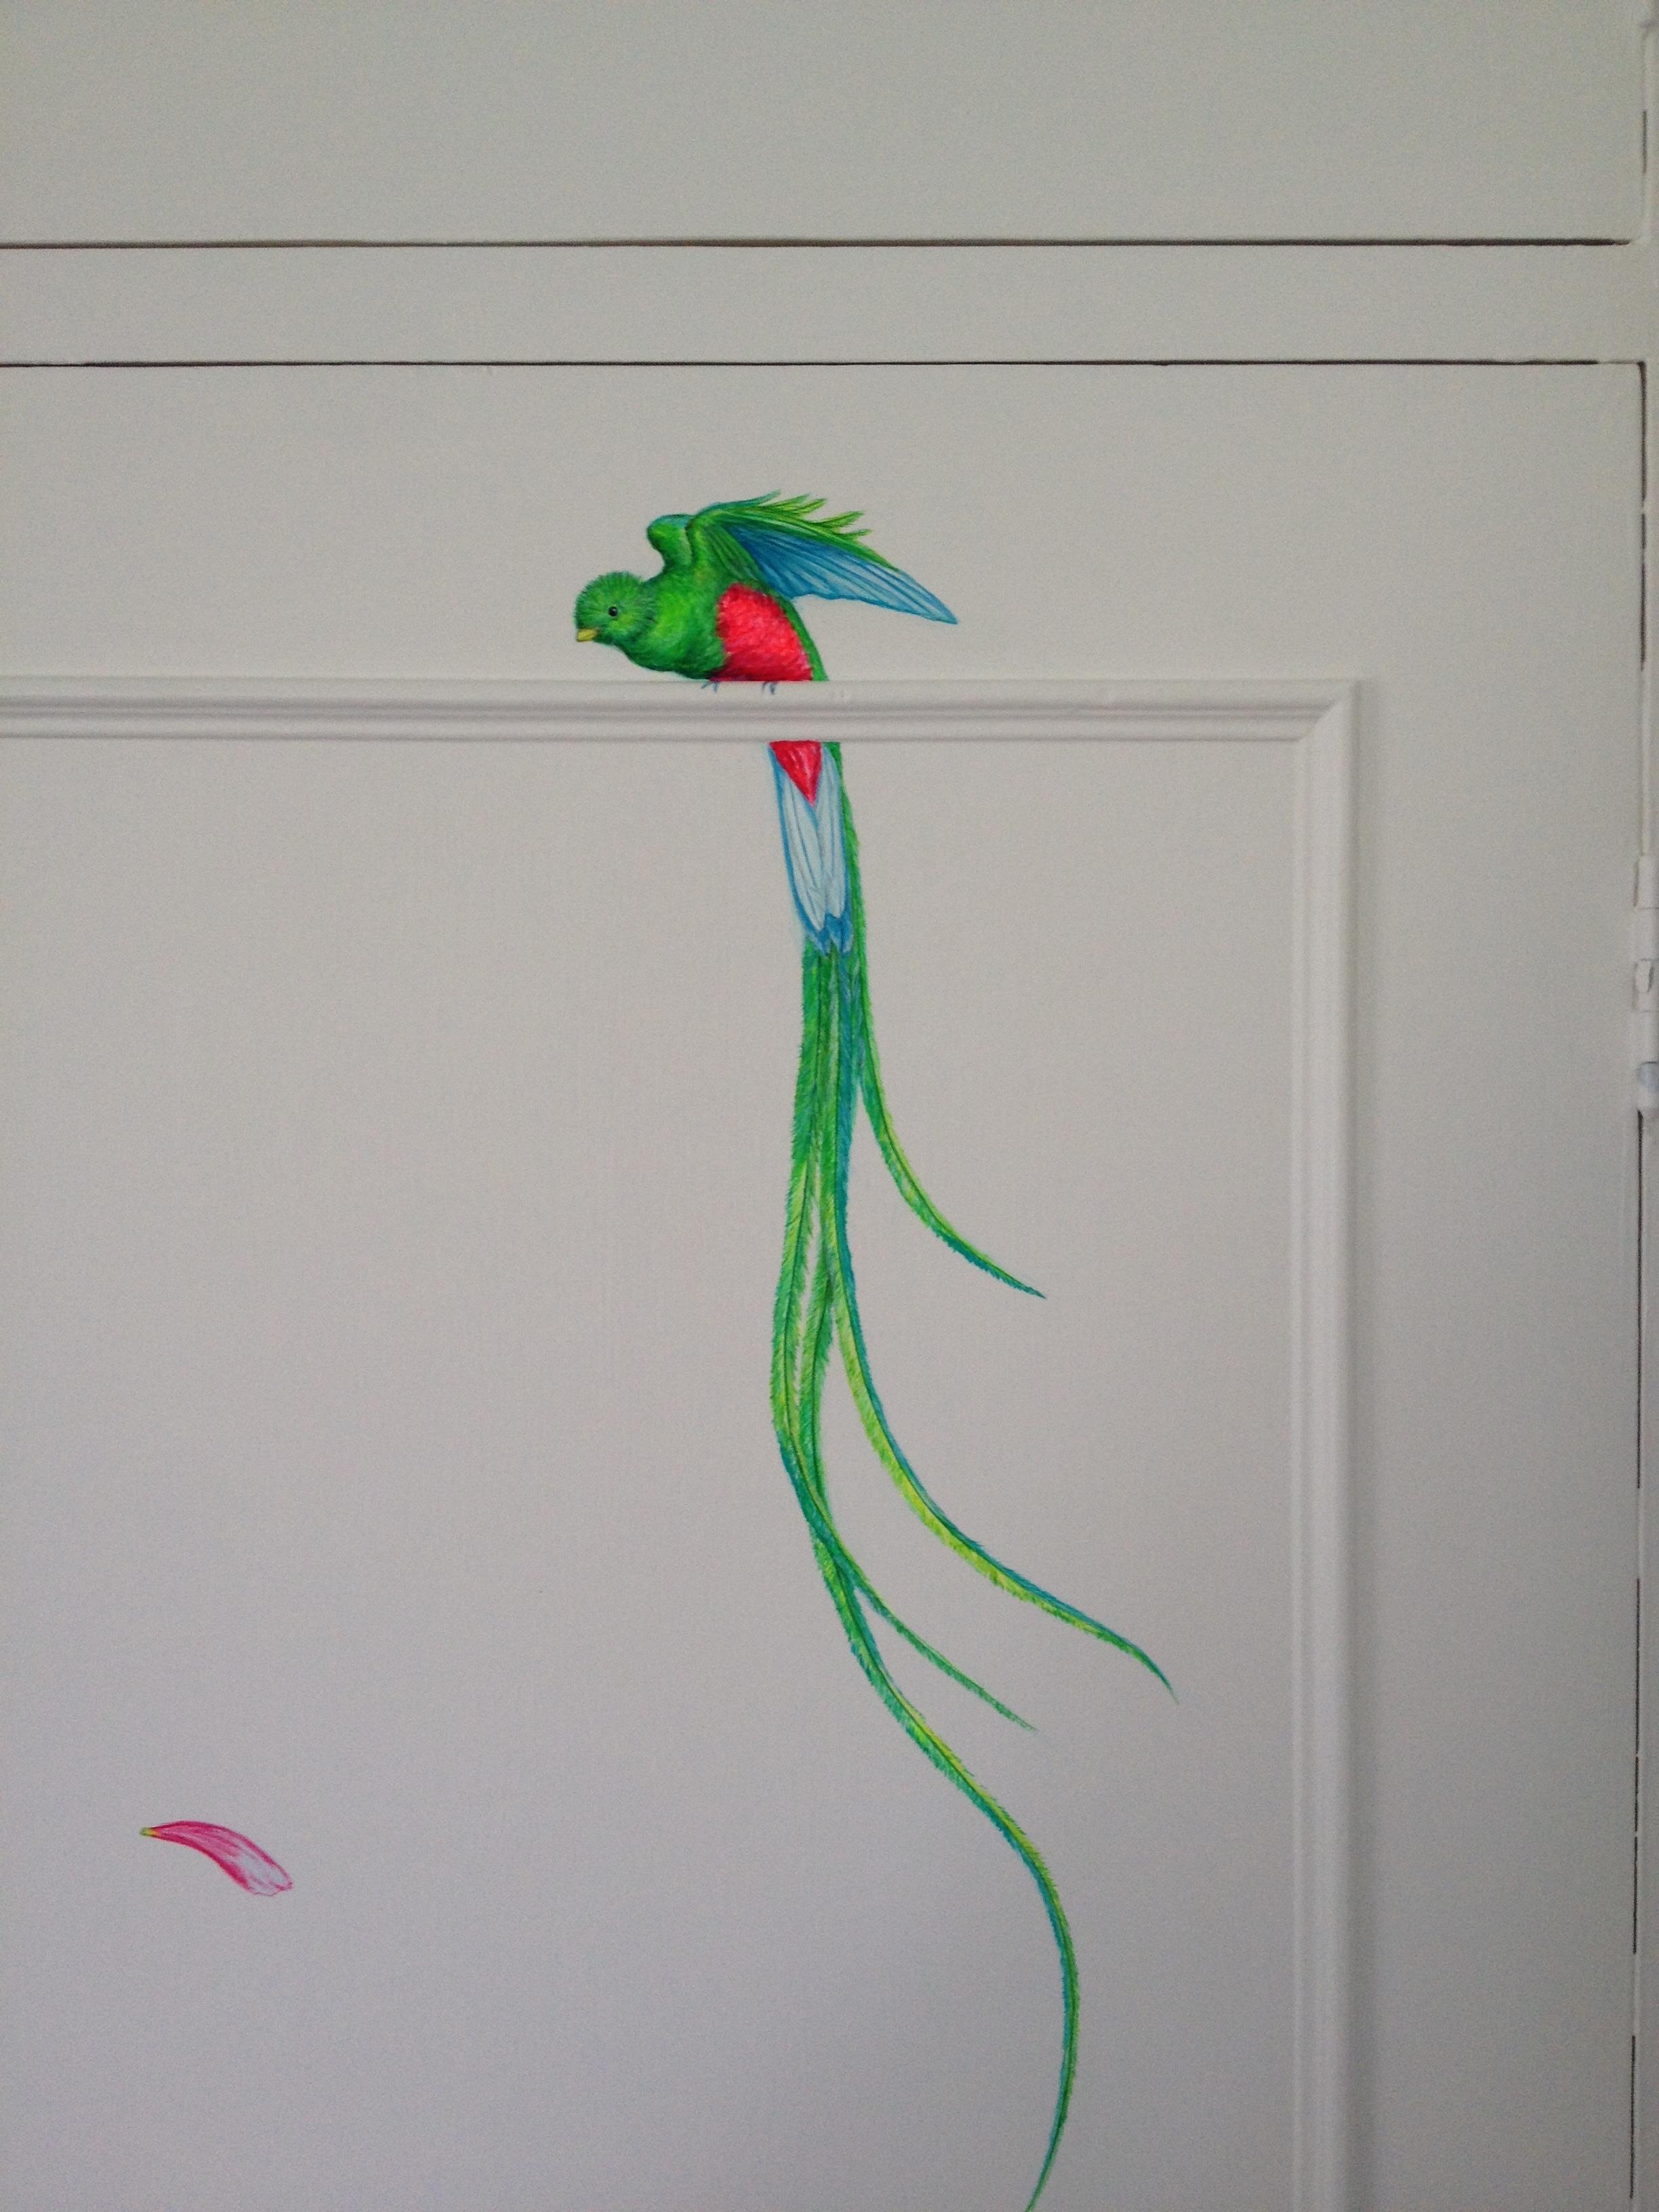 cozmo JENKS milliner- bedroom mural - detail -Frederick Wimsett - murals and artistic design - WALLS .JPG